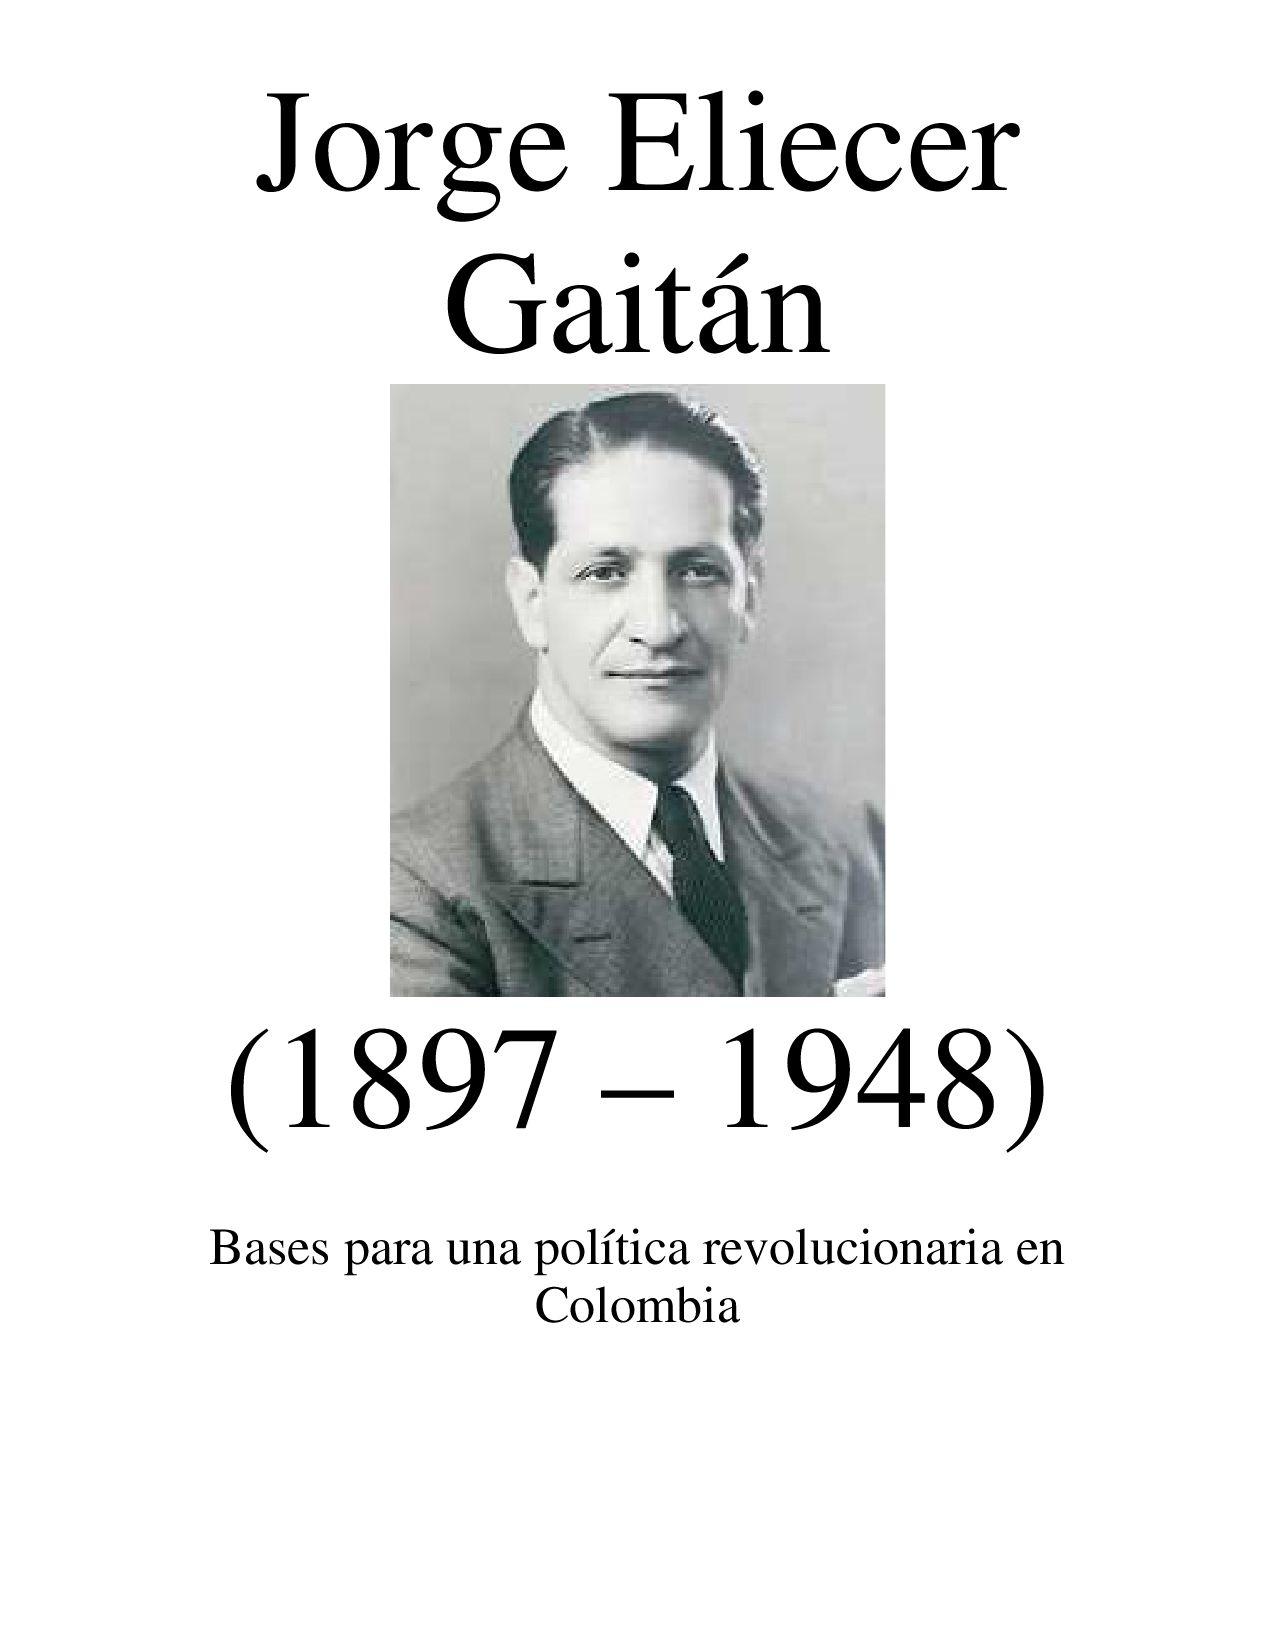 hoyennoticia.com, MANIFESTACIÓN DEL SILENCIO, JORGE ELIECER GAITÁN